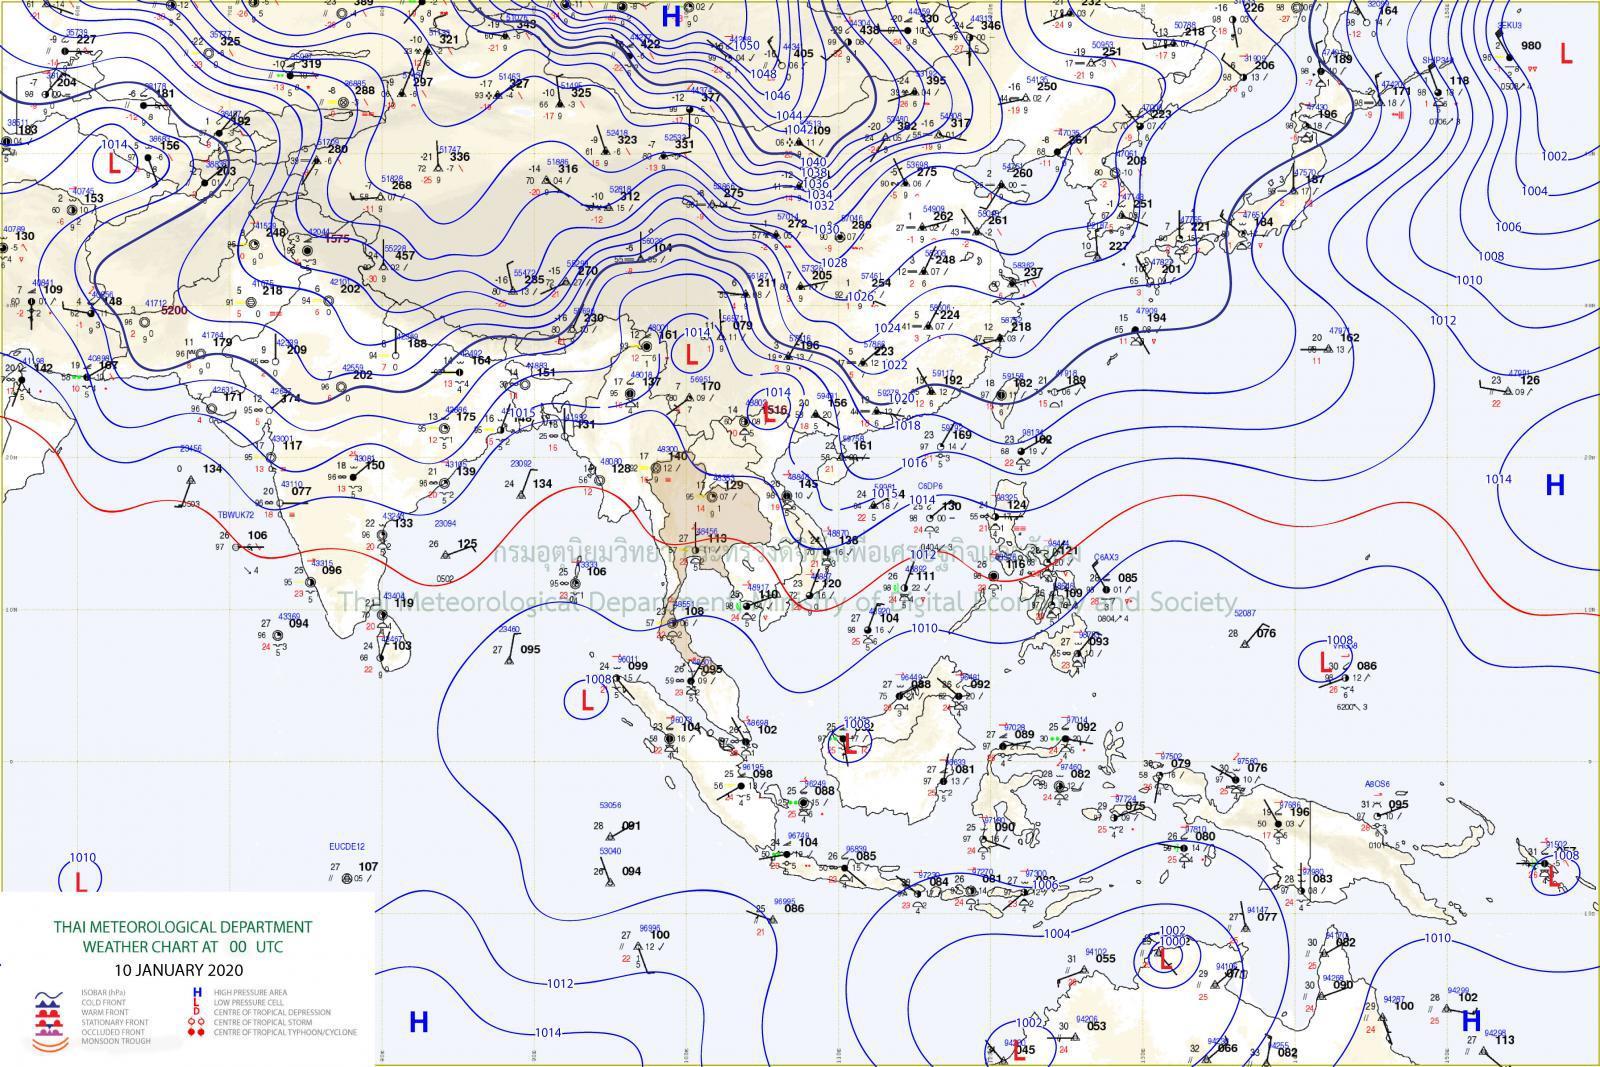 อุตุฯ เผย เหนือ-อีสาน เย็นต่อเนื่อง ใต้มีฝนน้อย